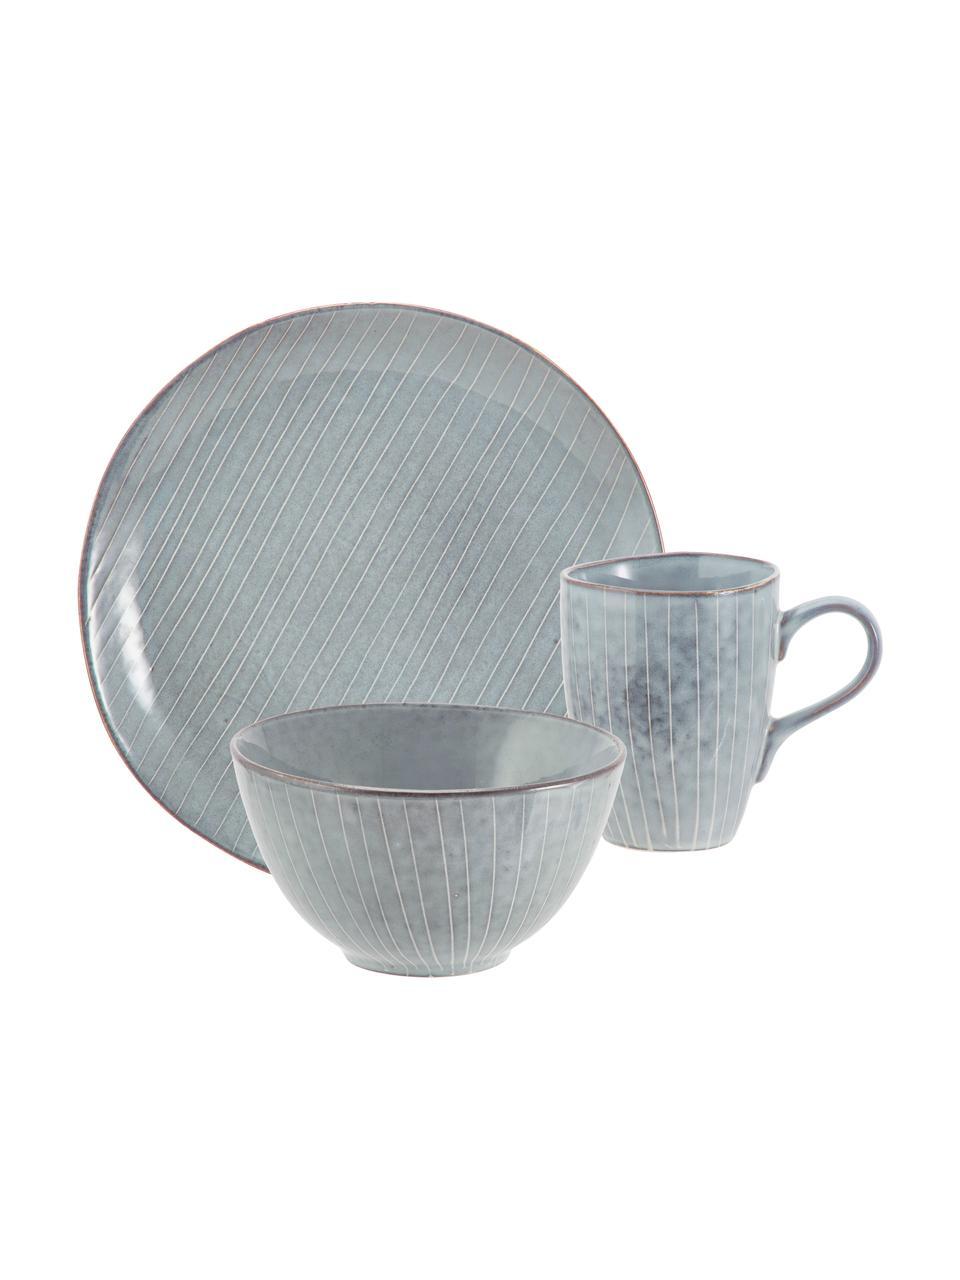 Handgemachtes Frühstücks-Set Nordic Sea aus Steingut, 4 Personen (12-tlg.), Steingut, Grau, Blau, Sondergrößen